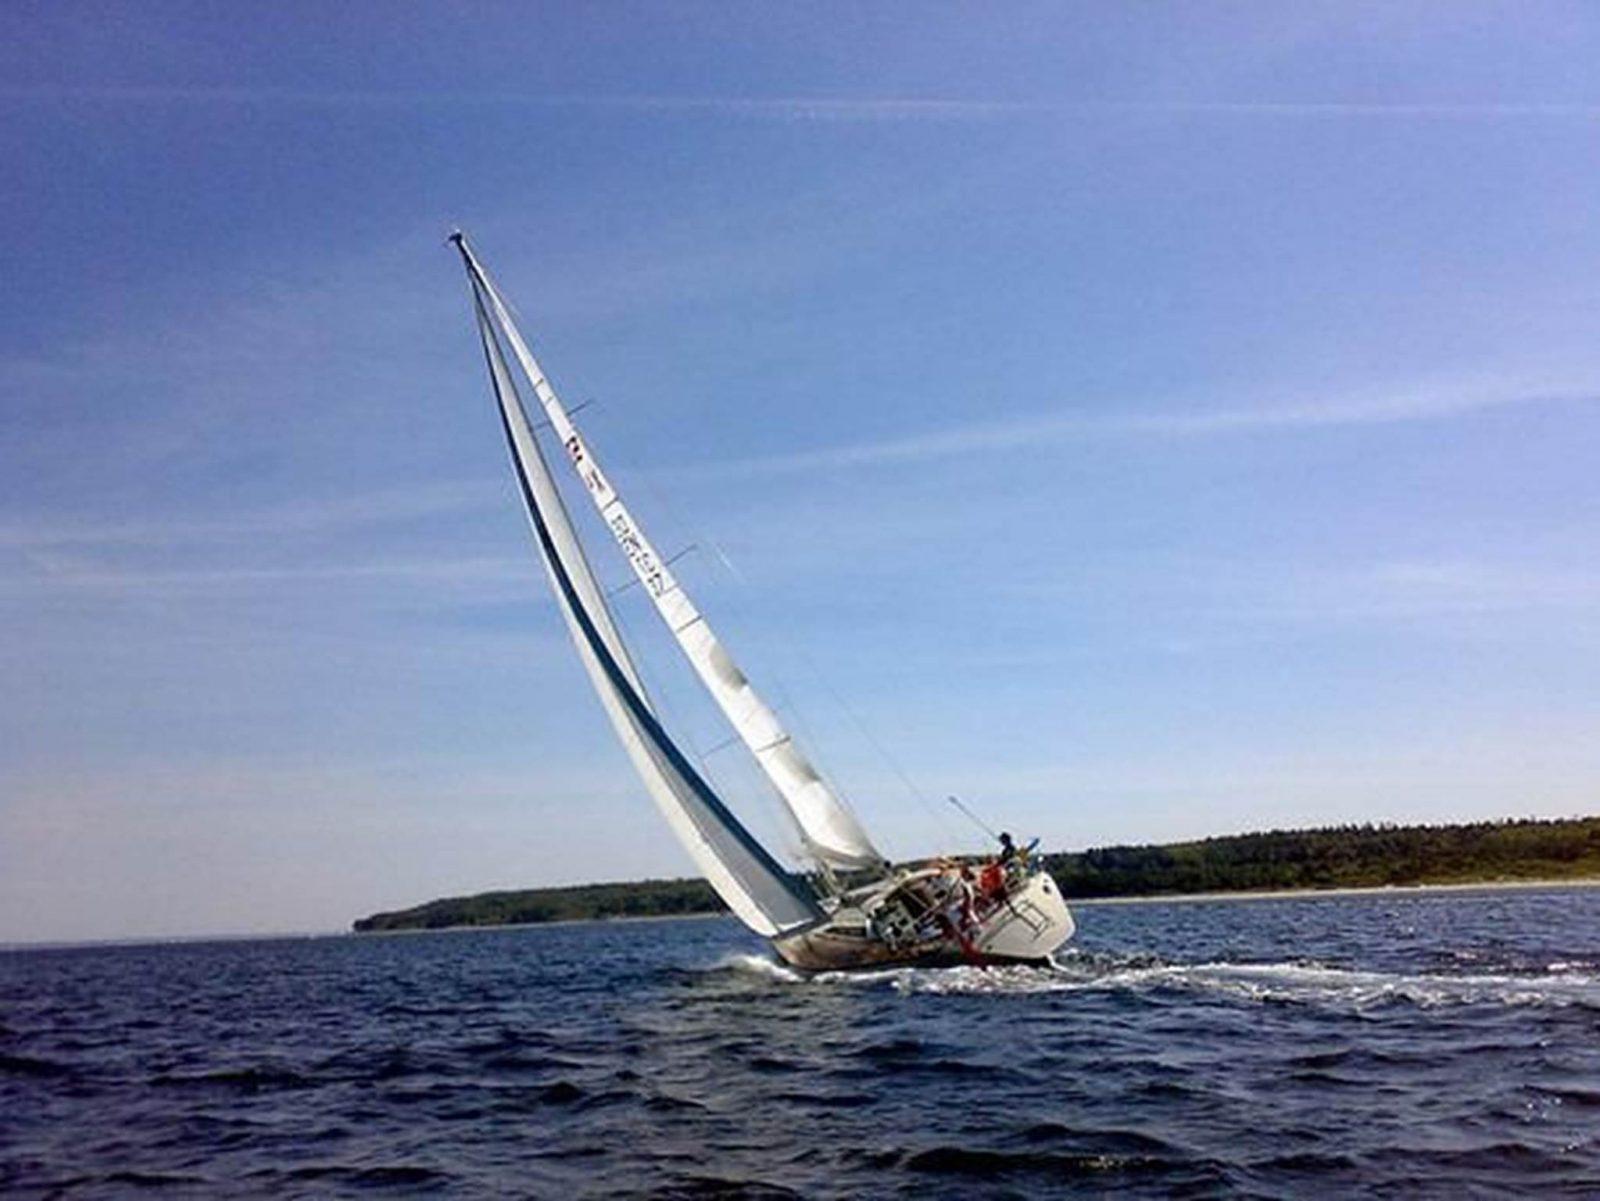 Balade-sur-l'Elixir-Arzon-Presqu'île-de-Rhuys-Golfe-du-Morbihan-Bretagne sud